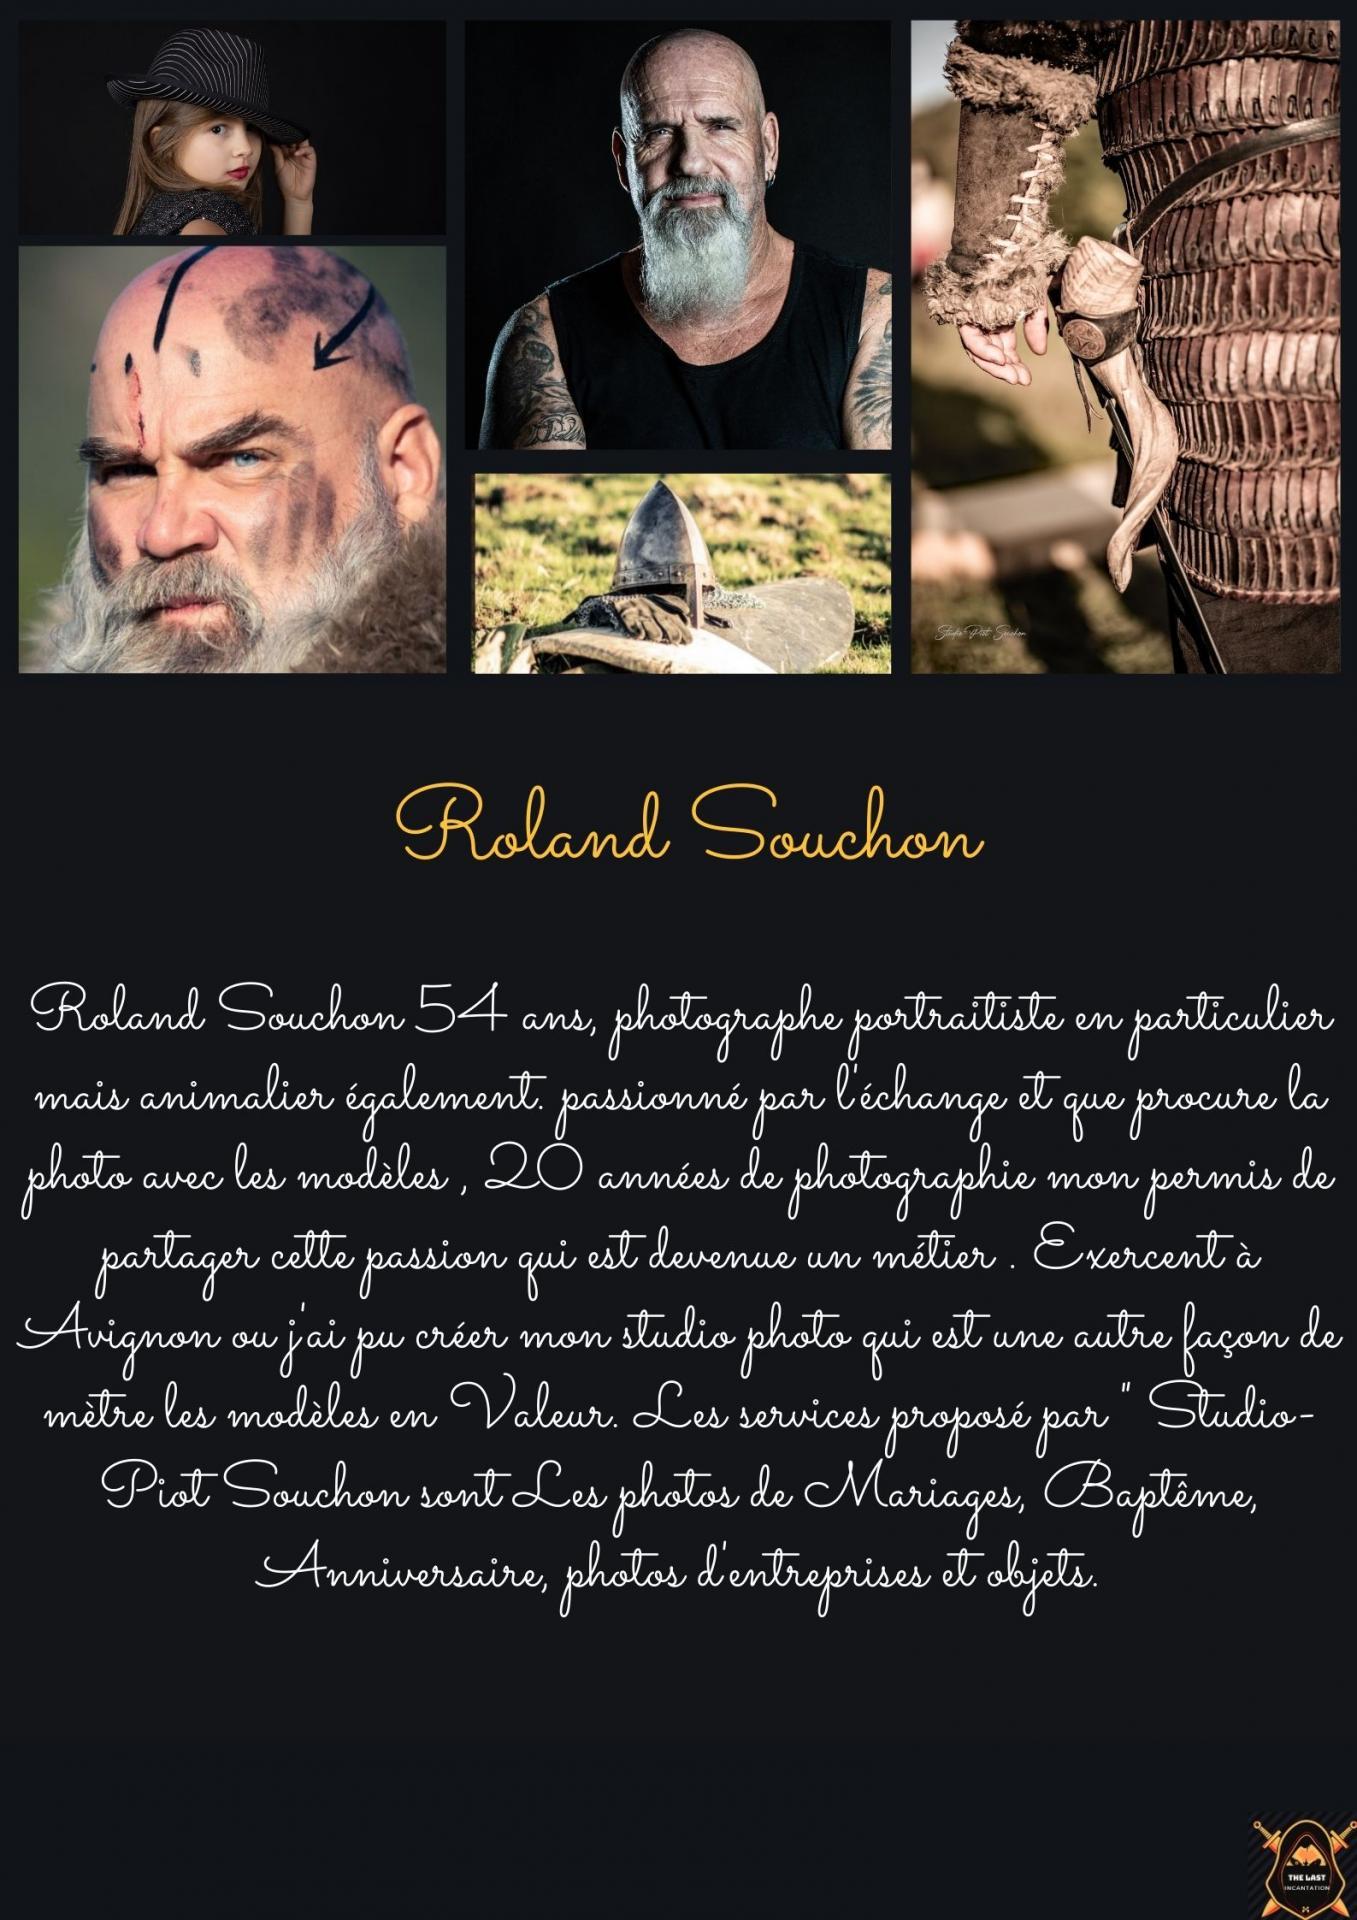 Roland souchon photographe officiel the last incantation montage laurens coralie ok l png